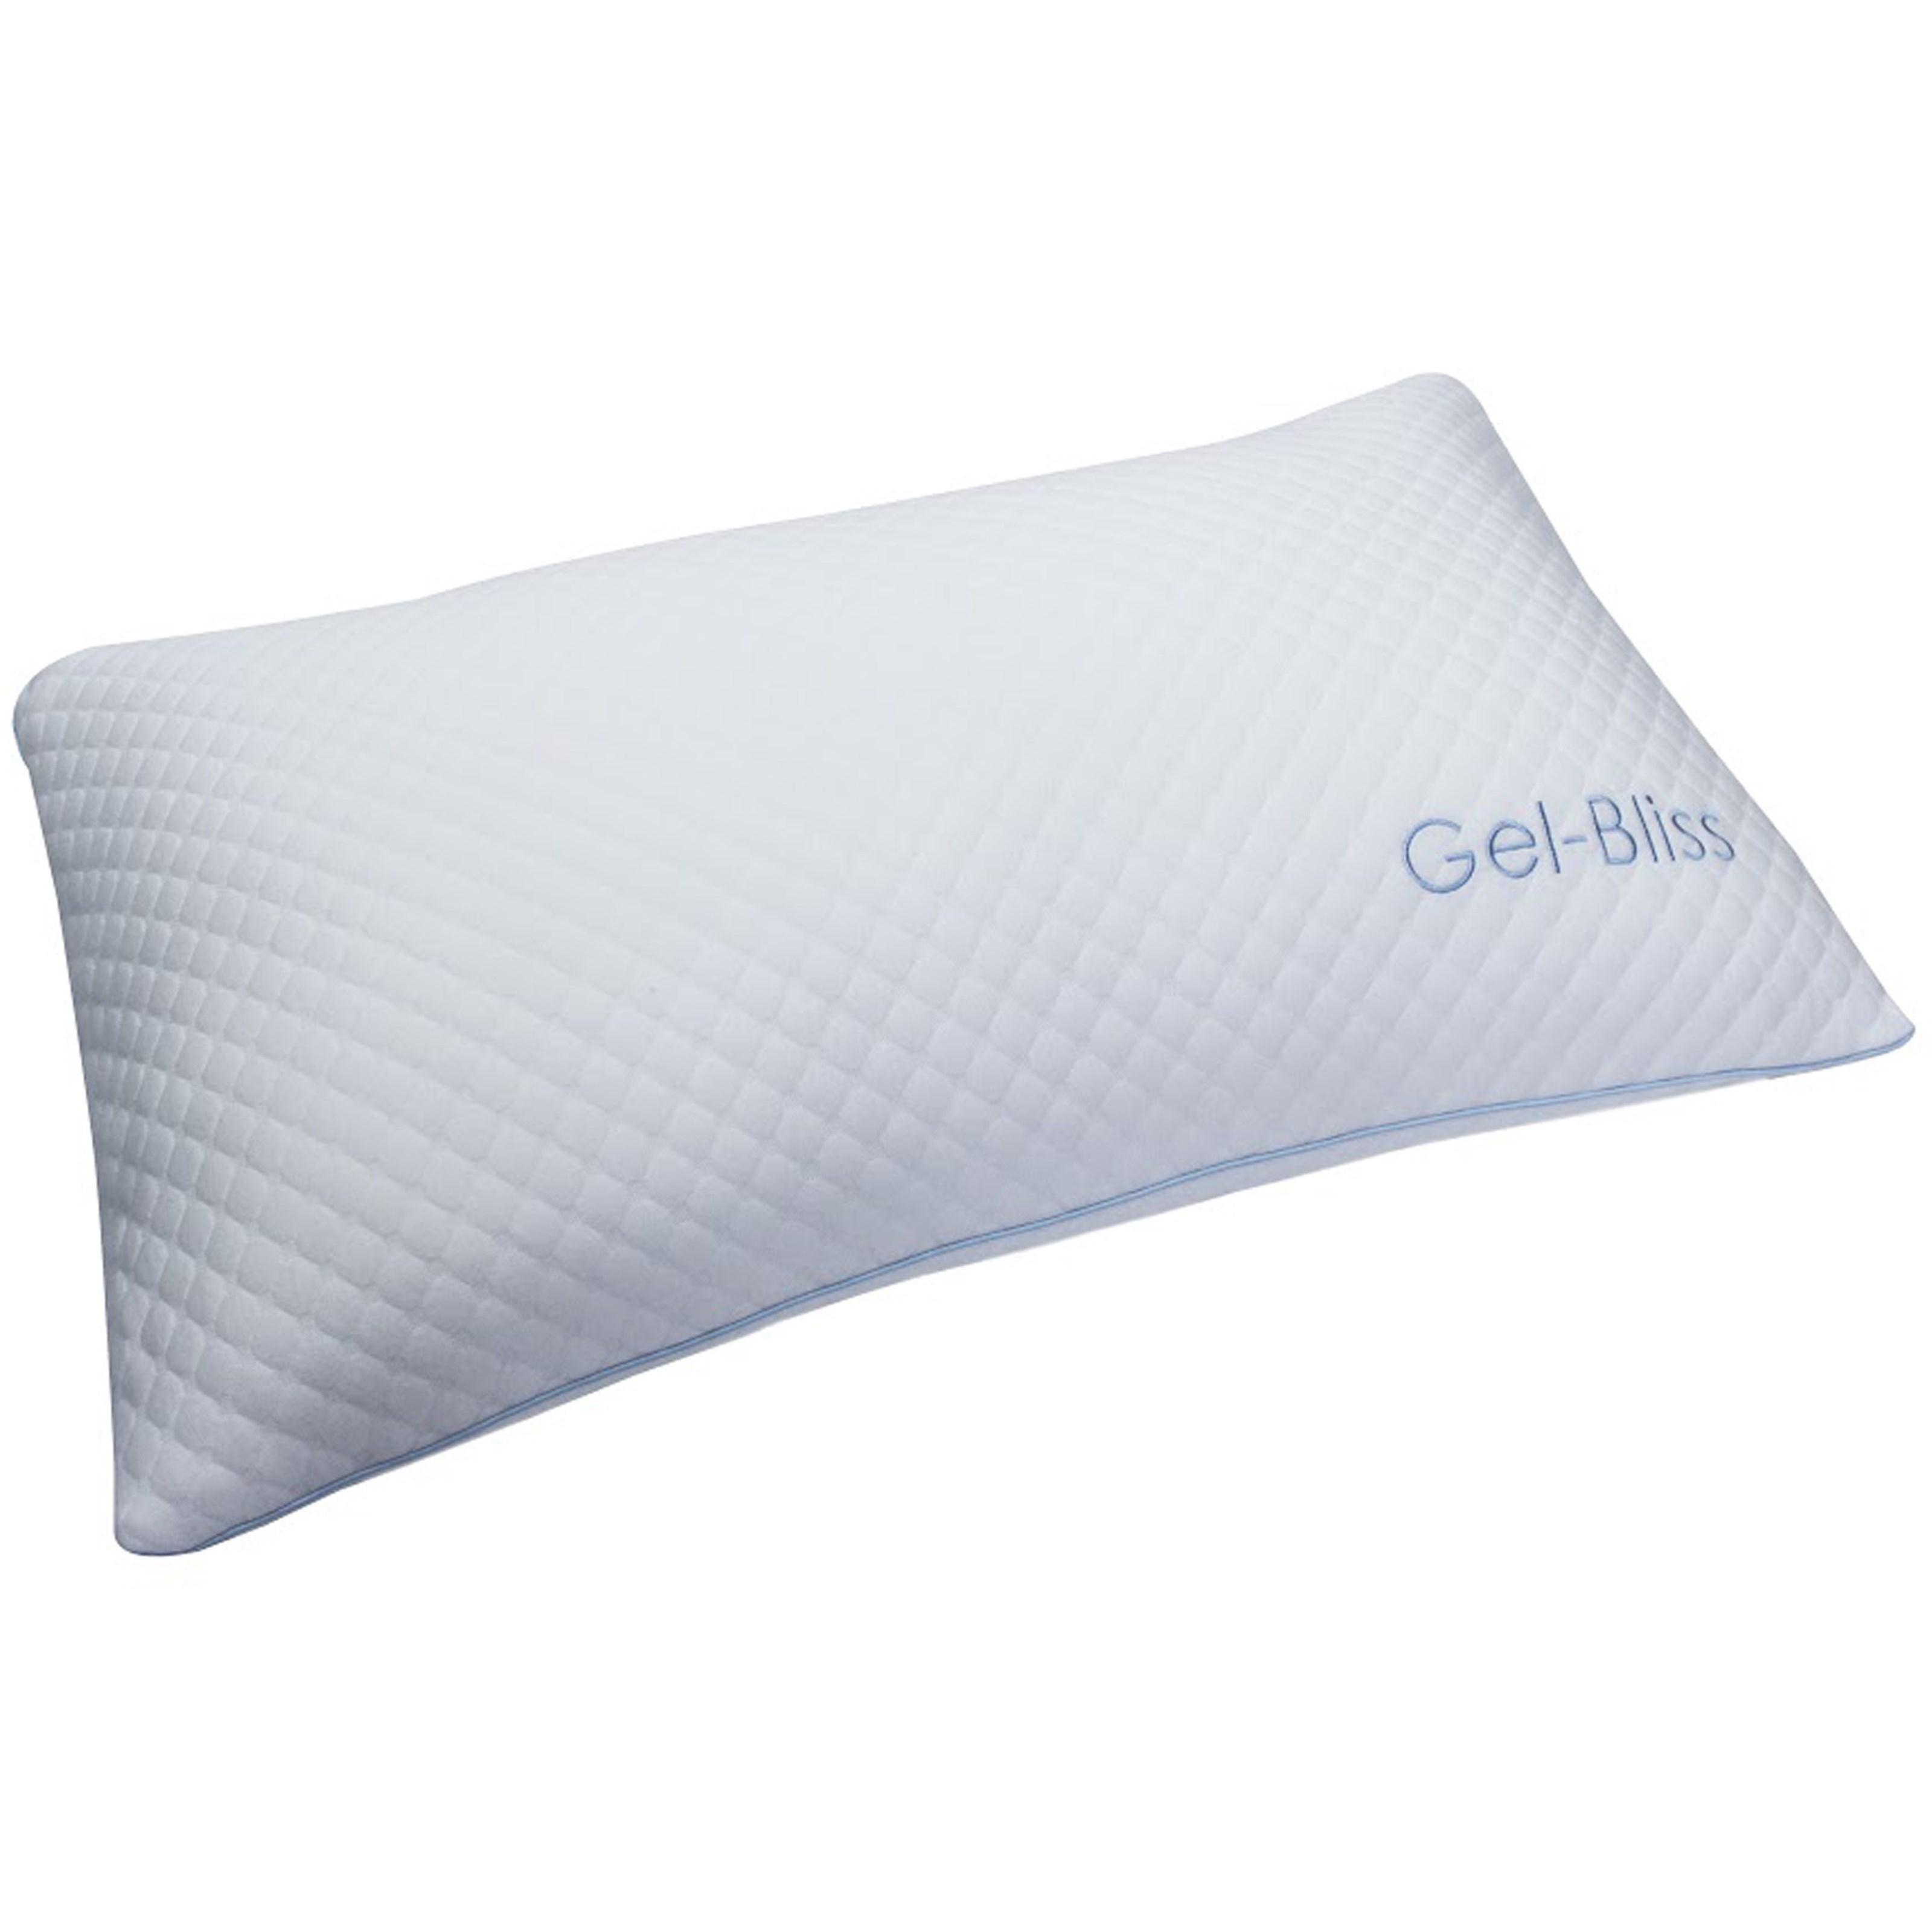 BedTech Gel Bliss Pillow RX 141 Gel Bliss Foam Latex And Gel Hybrid Pillow Sam Levitz